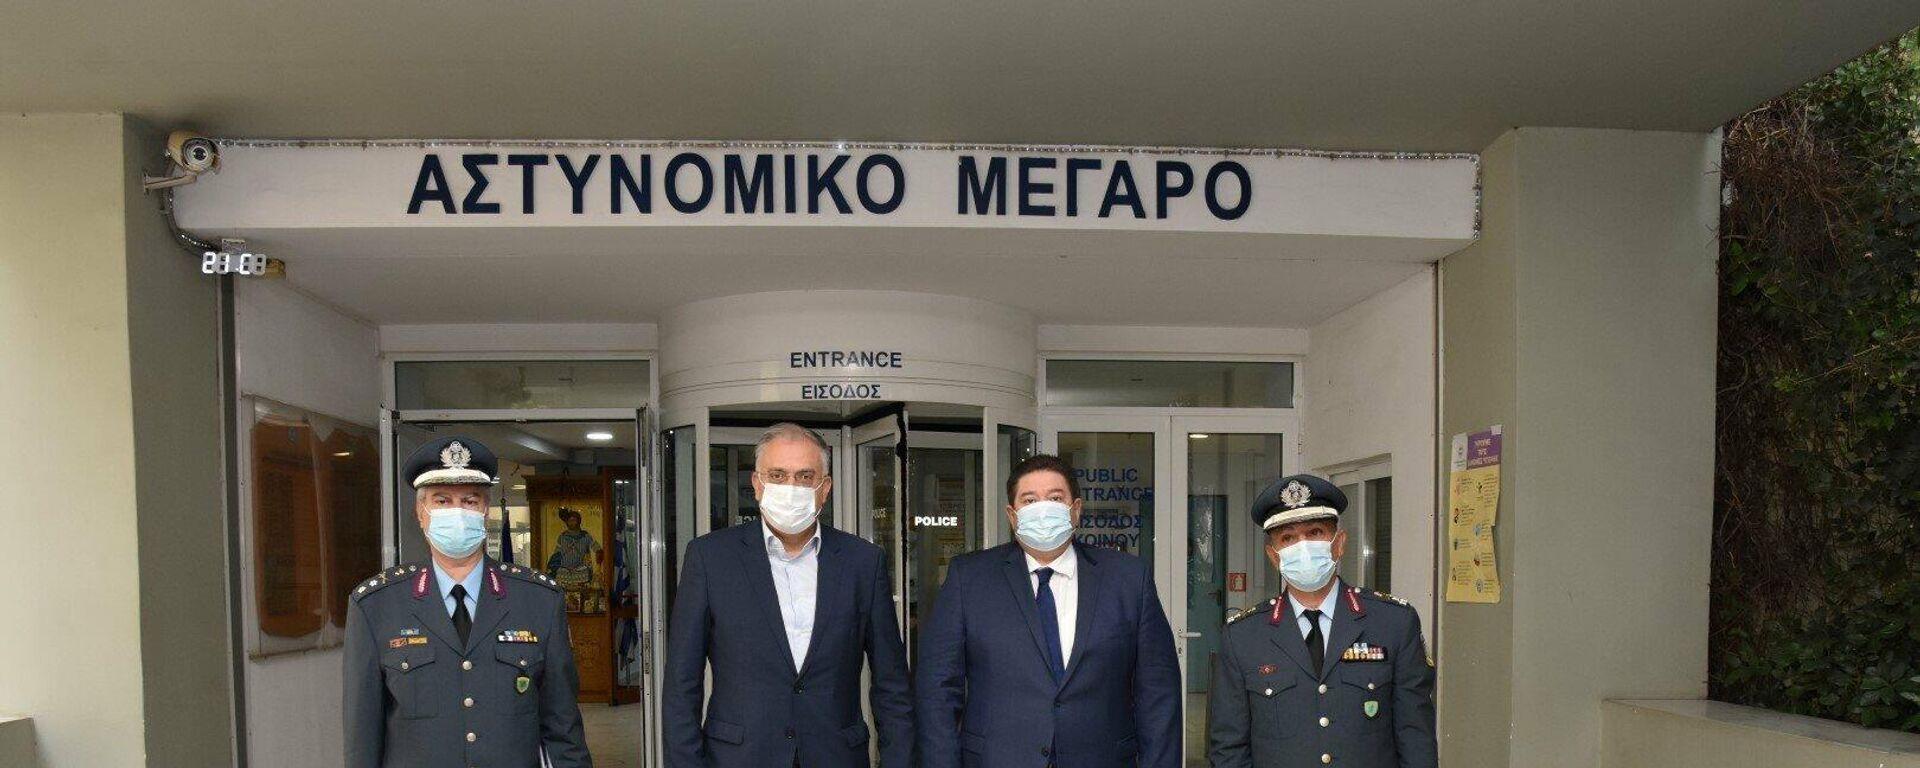 Τάκης Θεοδωρικάκος - Sputnik Ελλάδα, 1920, 09.10.2021